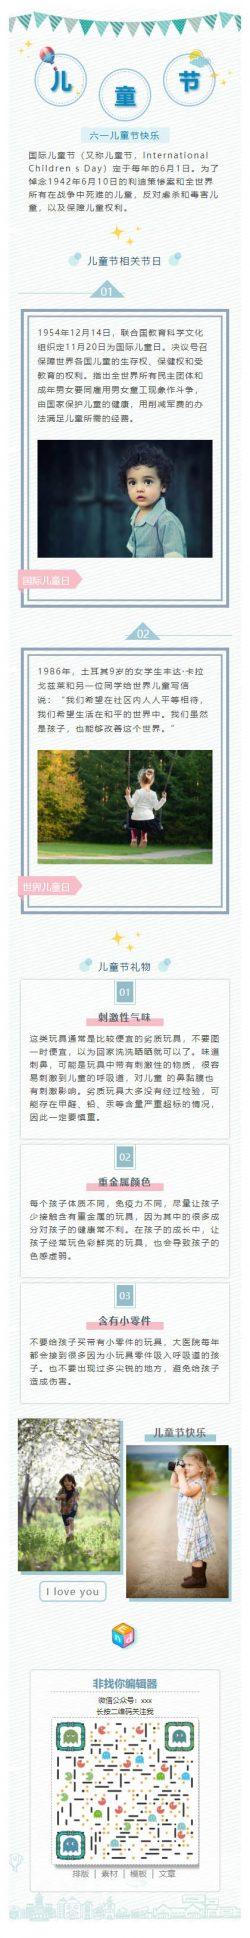 国际儿童日条纹背景微信公众号图文素材模板推送推文